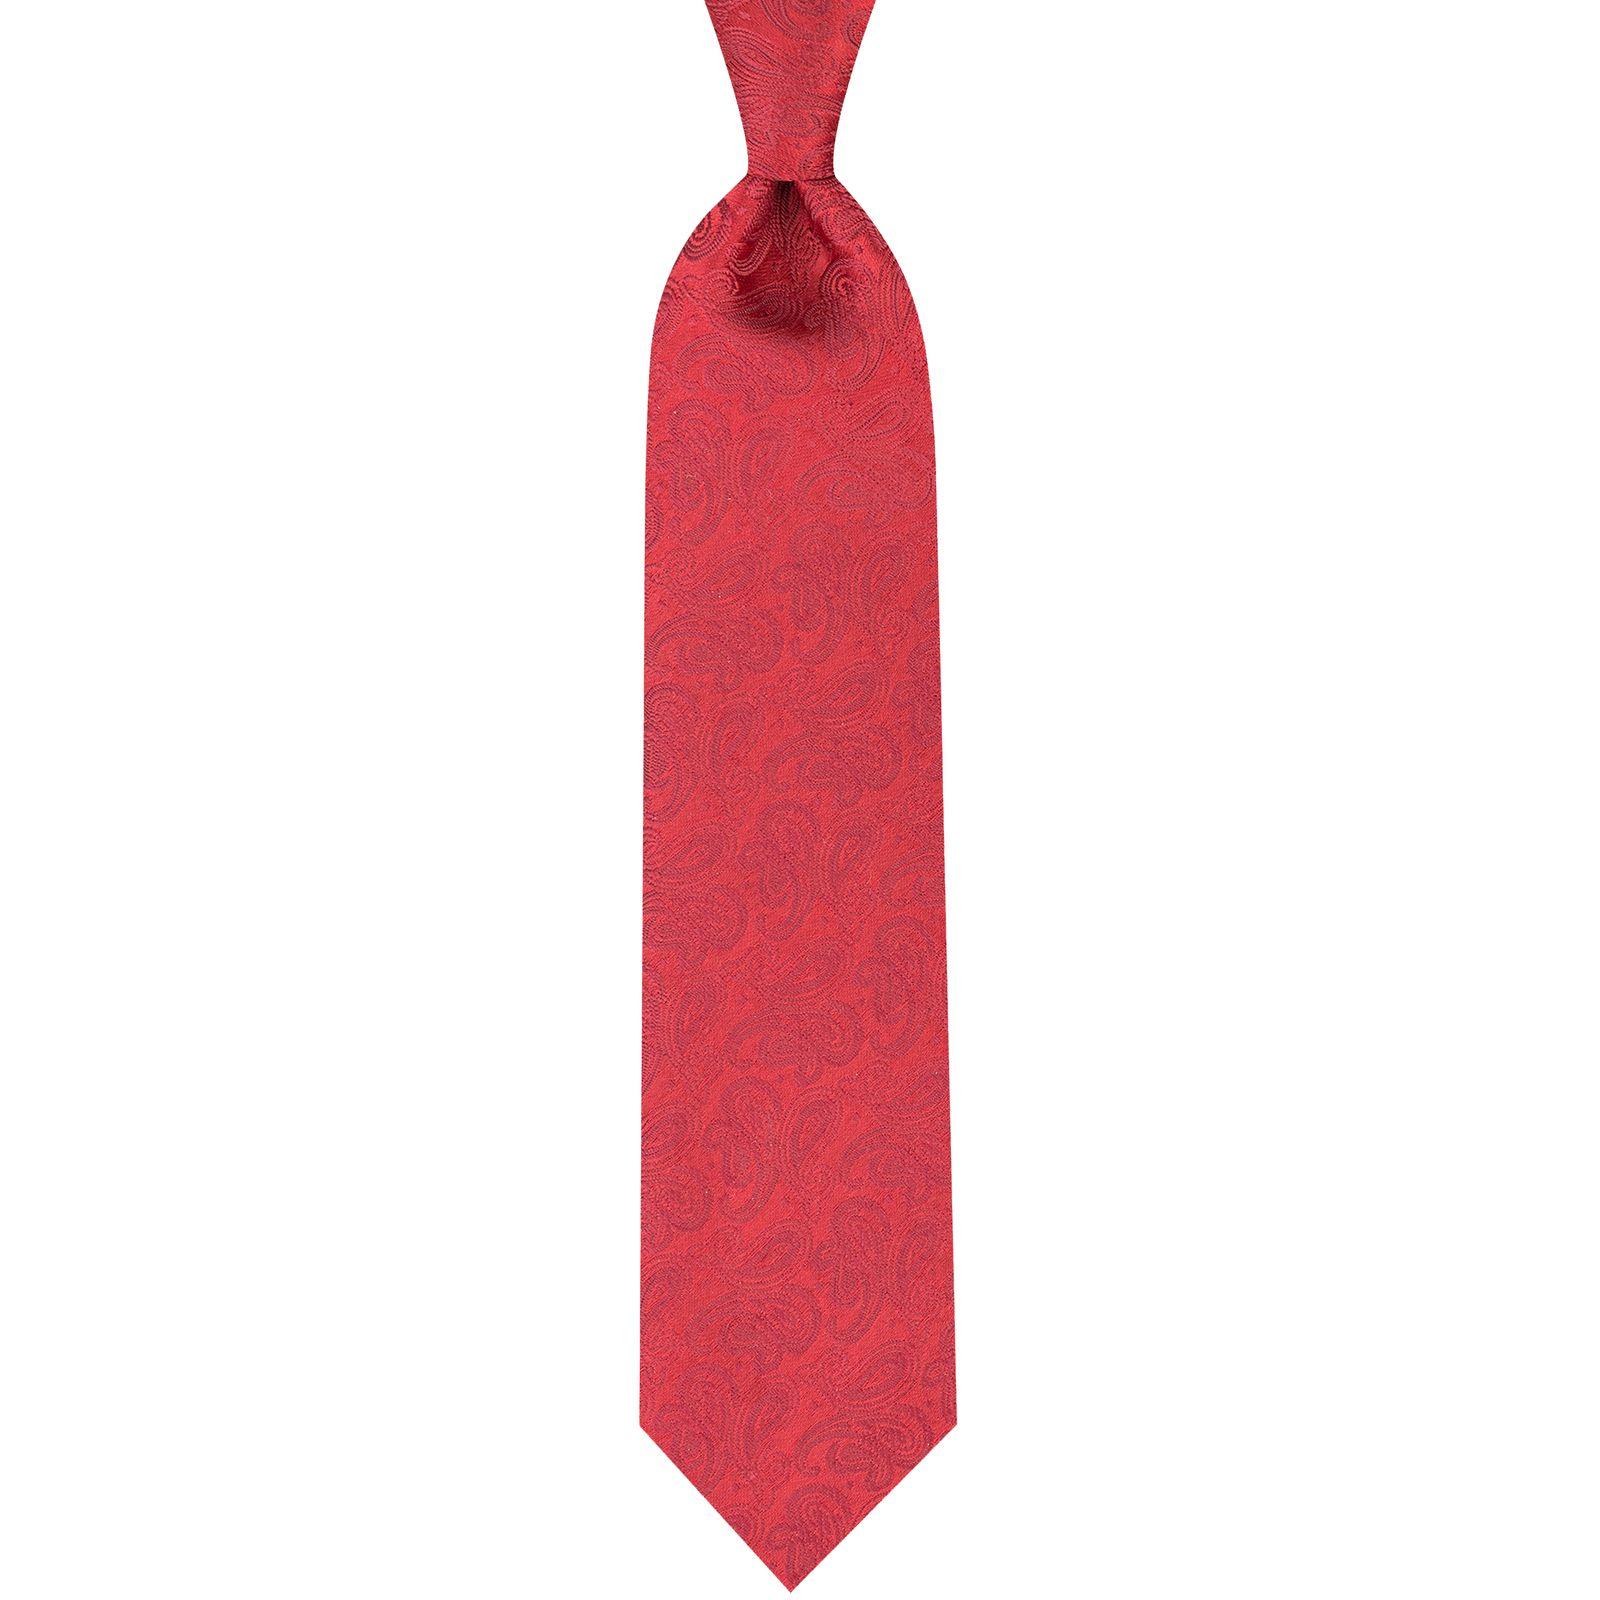 ست کراوات و دستمال جیب و گل کت مردانه جیان فرانکو روسی مدل GF-PA225-BE -  - 1